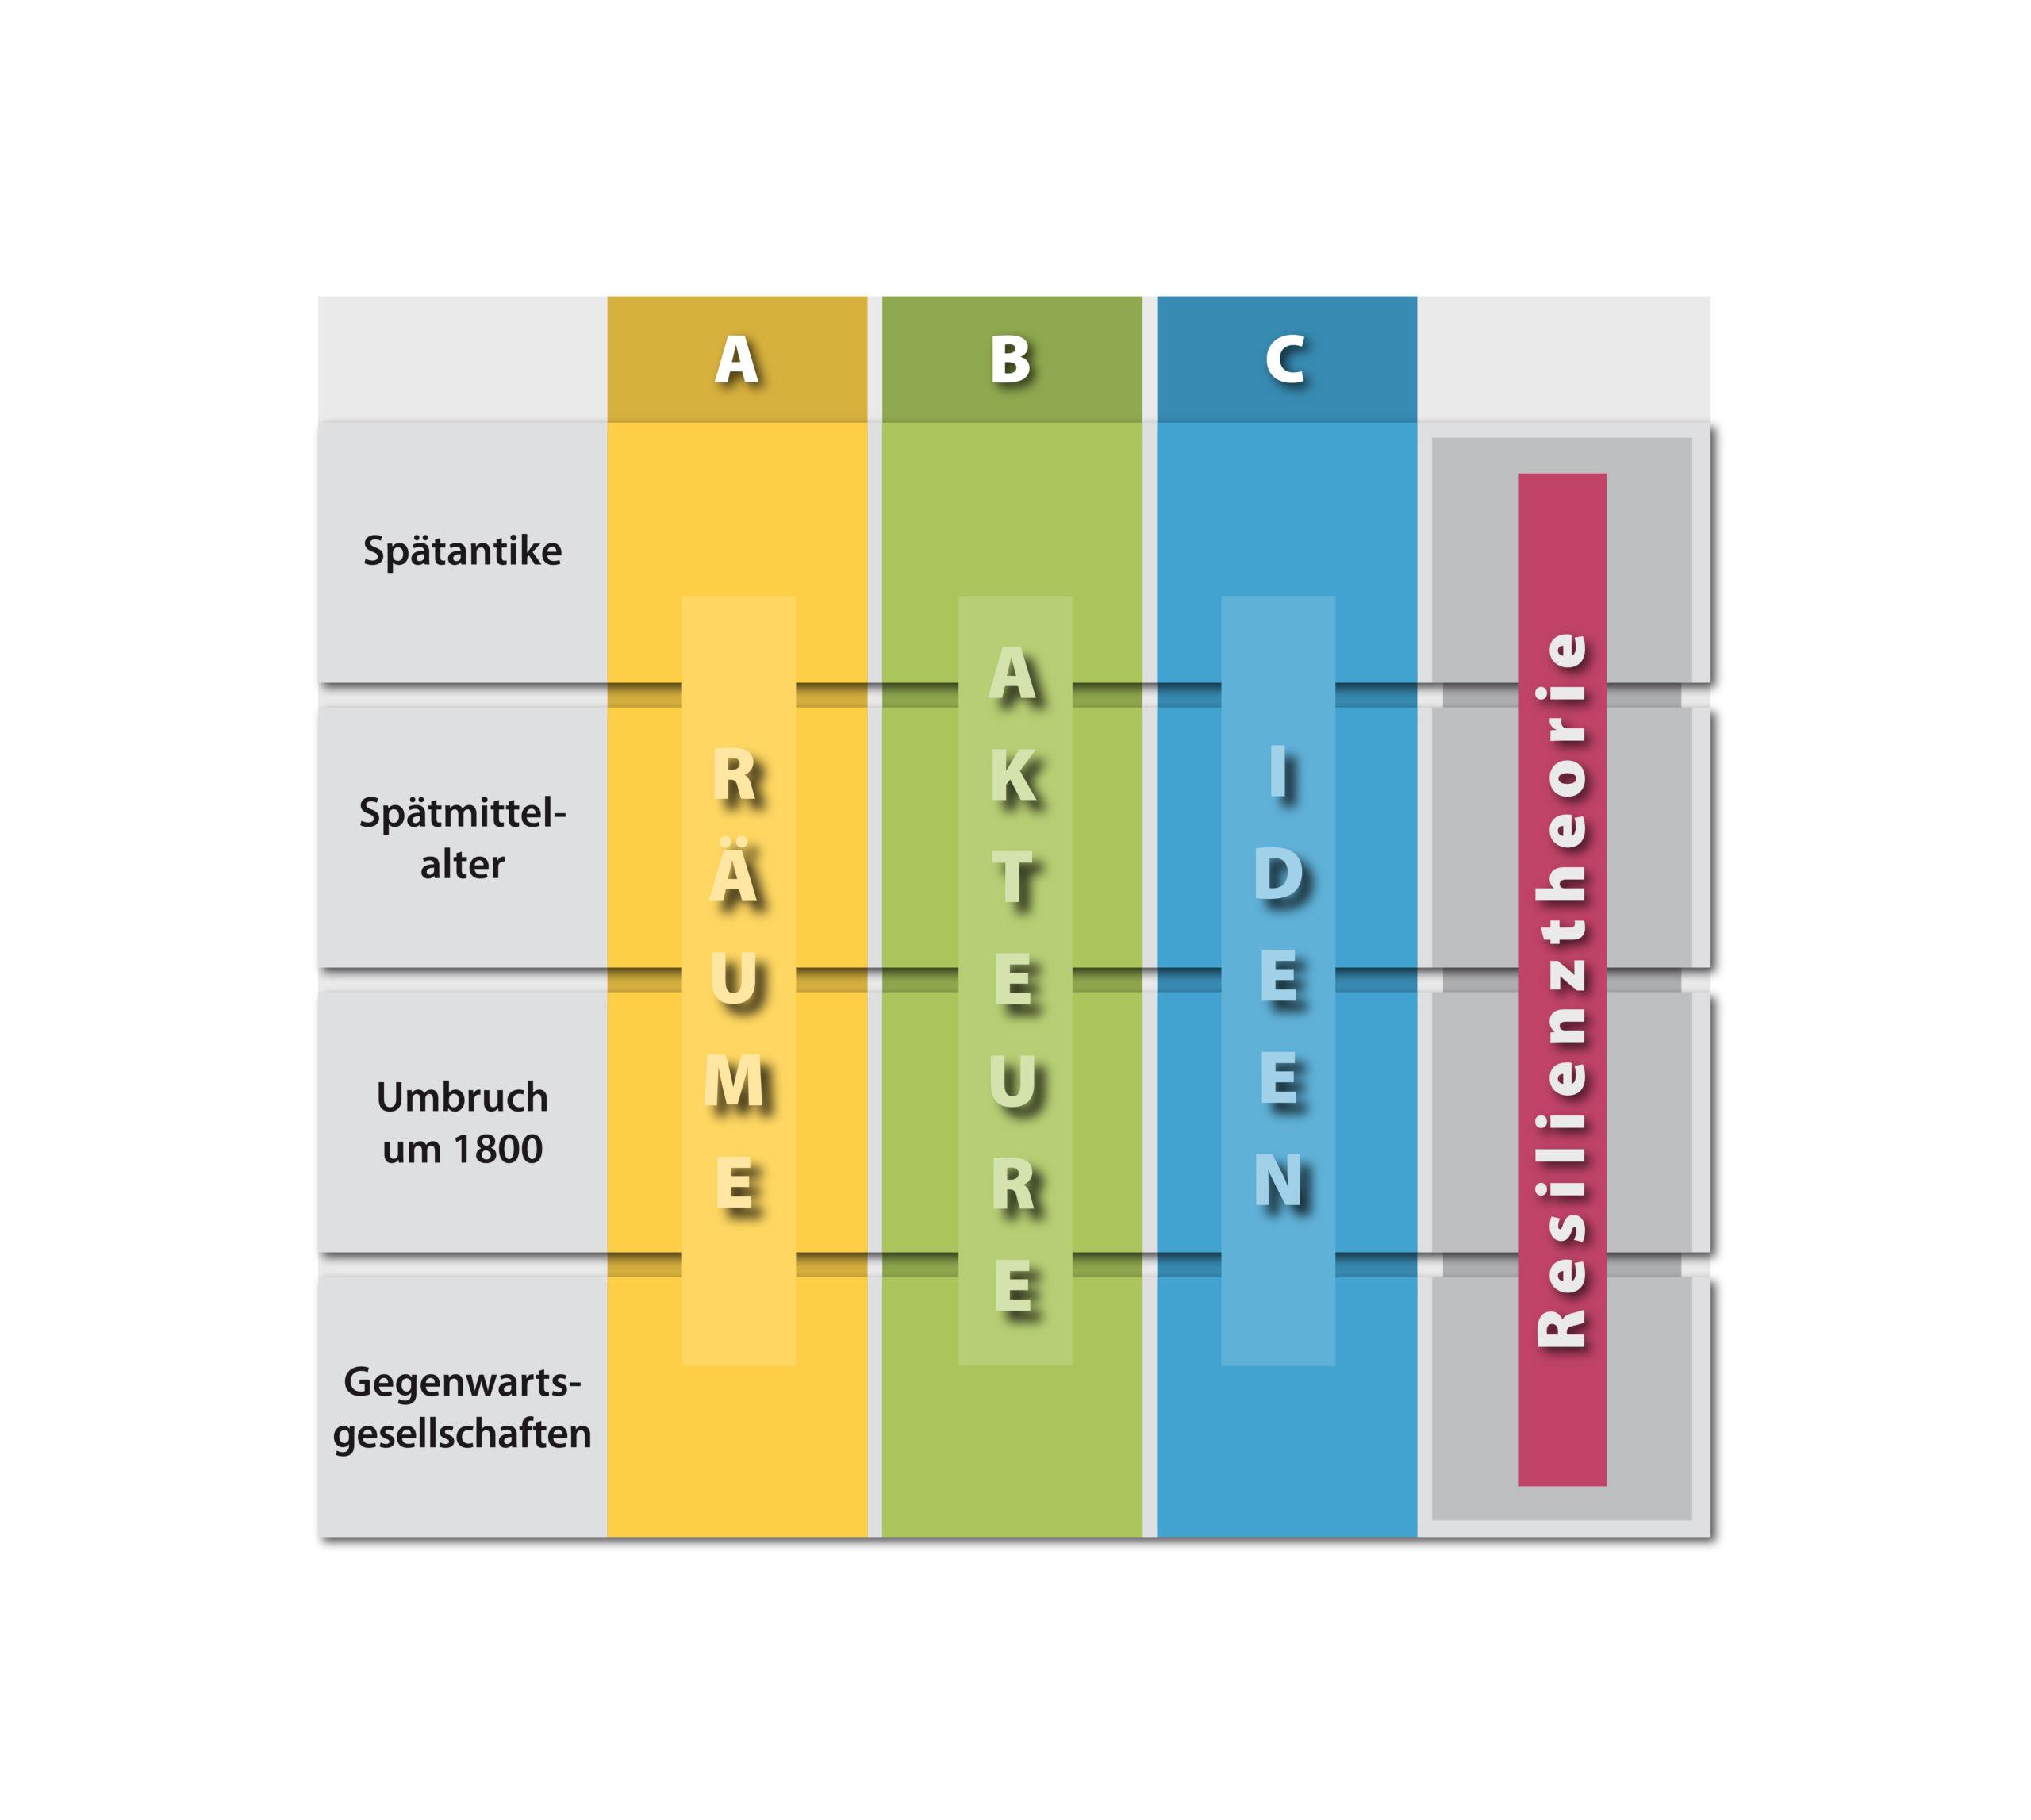 Sonderforschungsbereich Infografiken